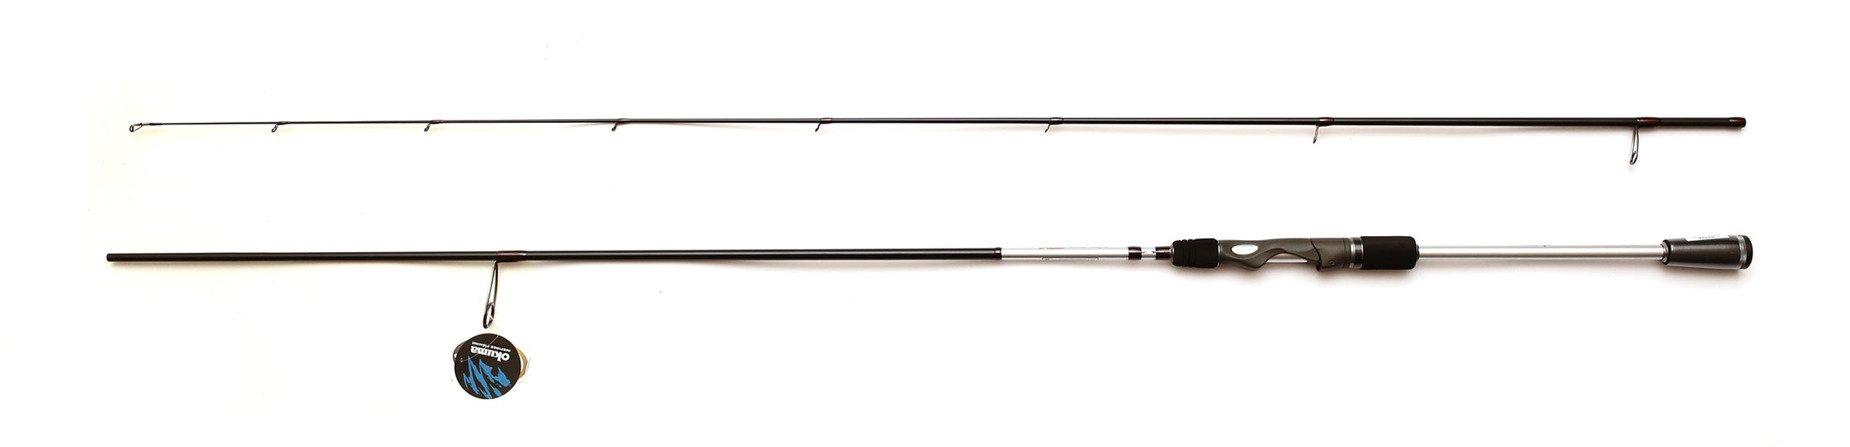 Okuma Helios Sx Spin 270cm 20-60g